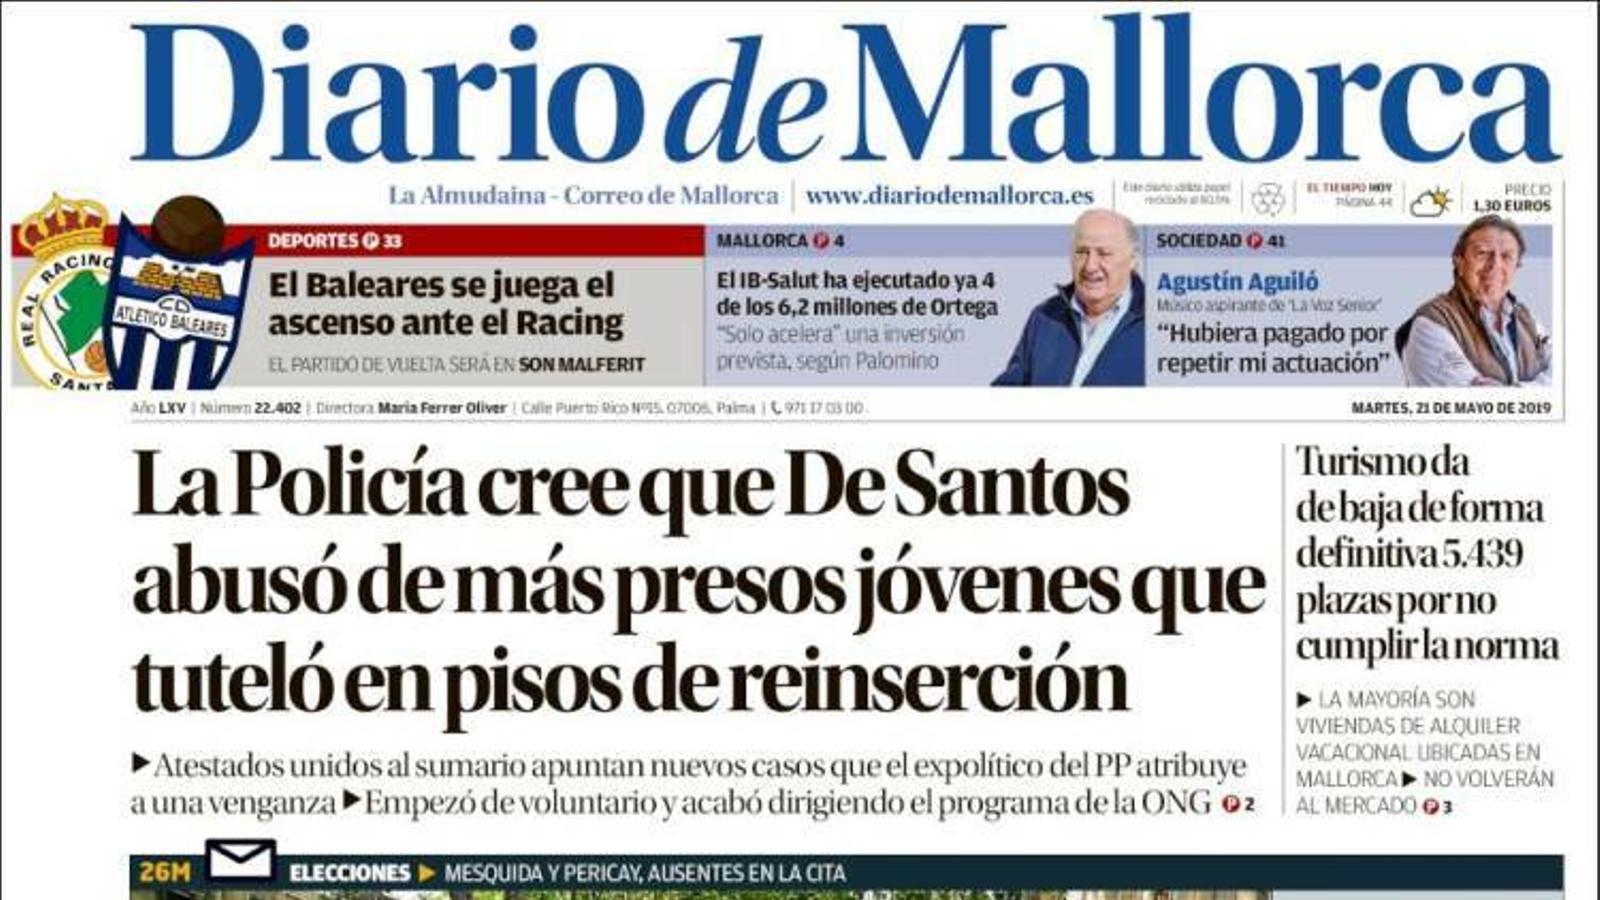 """""""La Policia creu que De Santos va abusar de més presos joves que va tutelar a pisos de reinserció"""", portada de 'Diario de Mallorca''"""